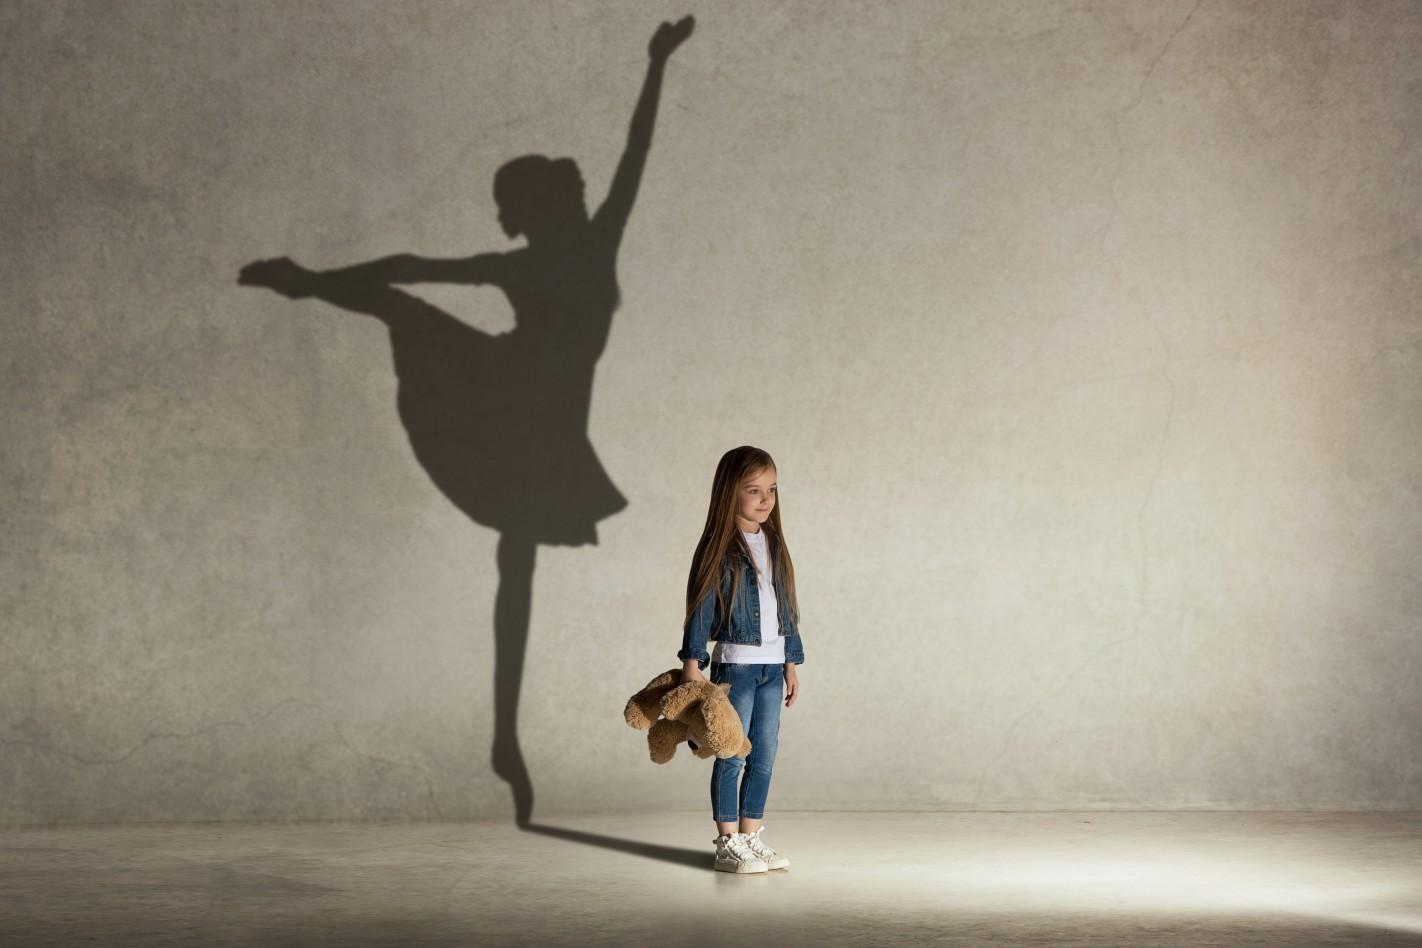 zdjęcie przedstawia dziewczynke trzymającą misia za którą jest cień tancerki - baletnicy